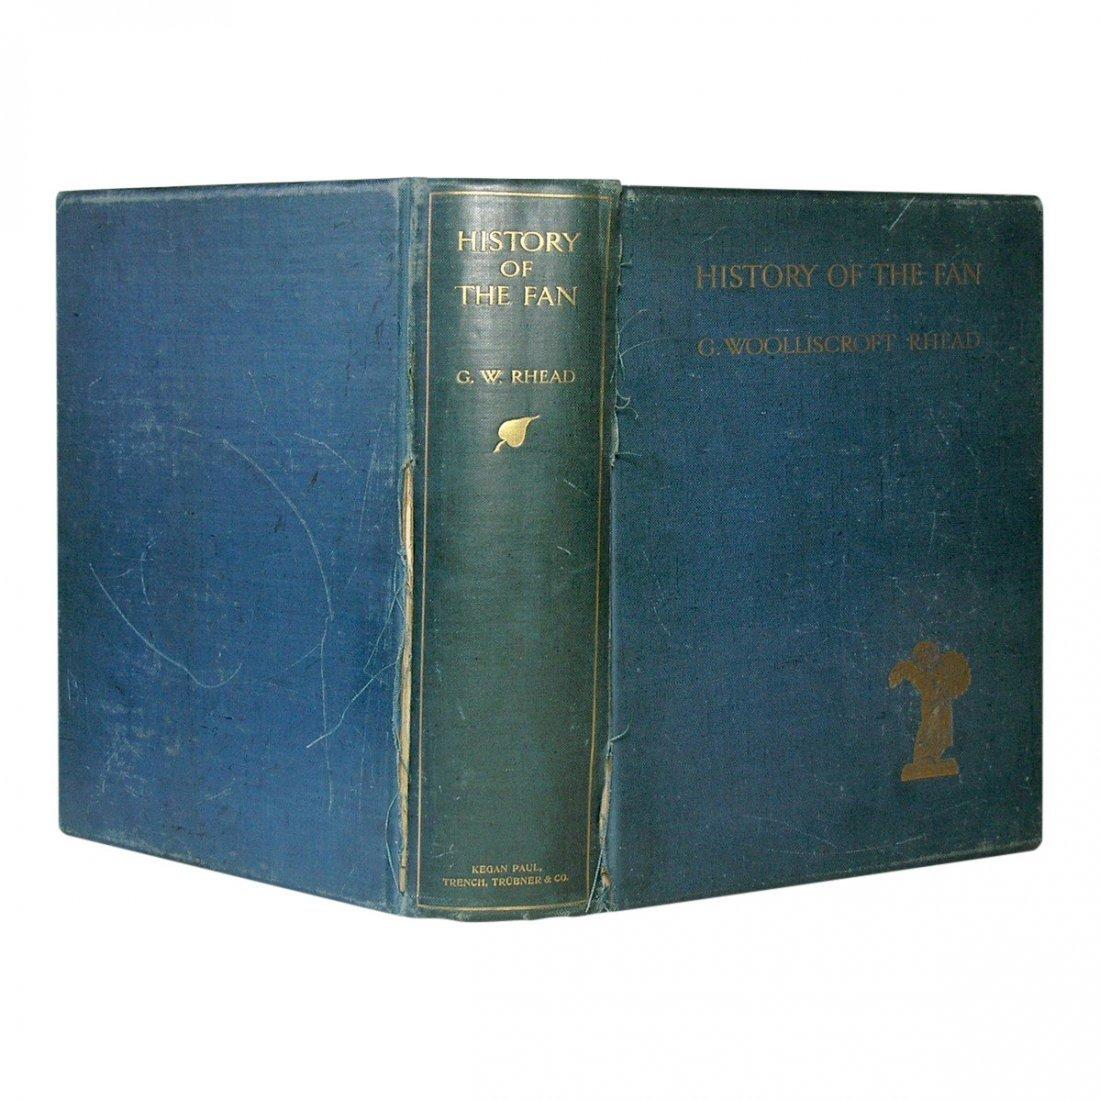 History of the Fan by G. Woolliscroft Rhead